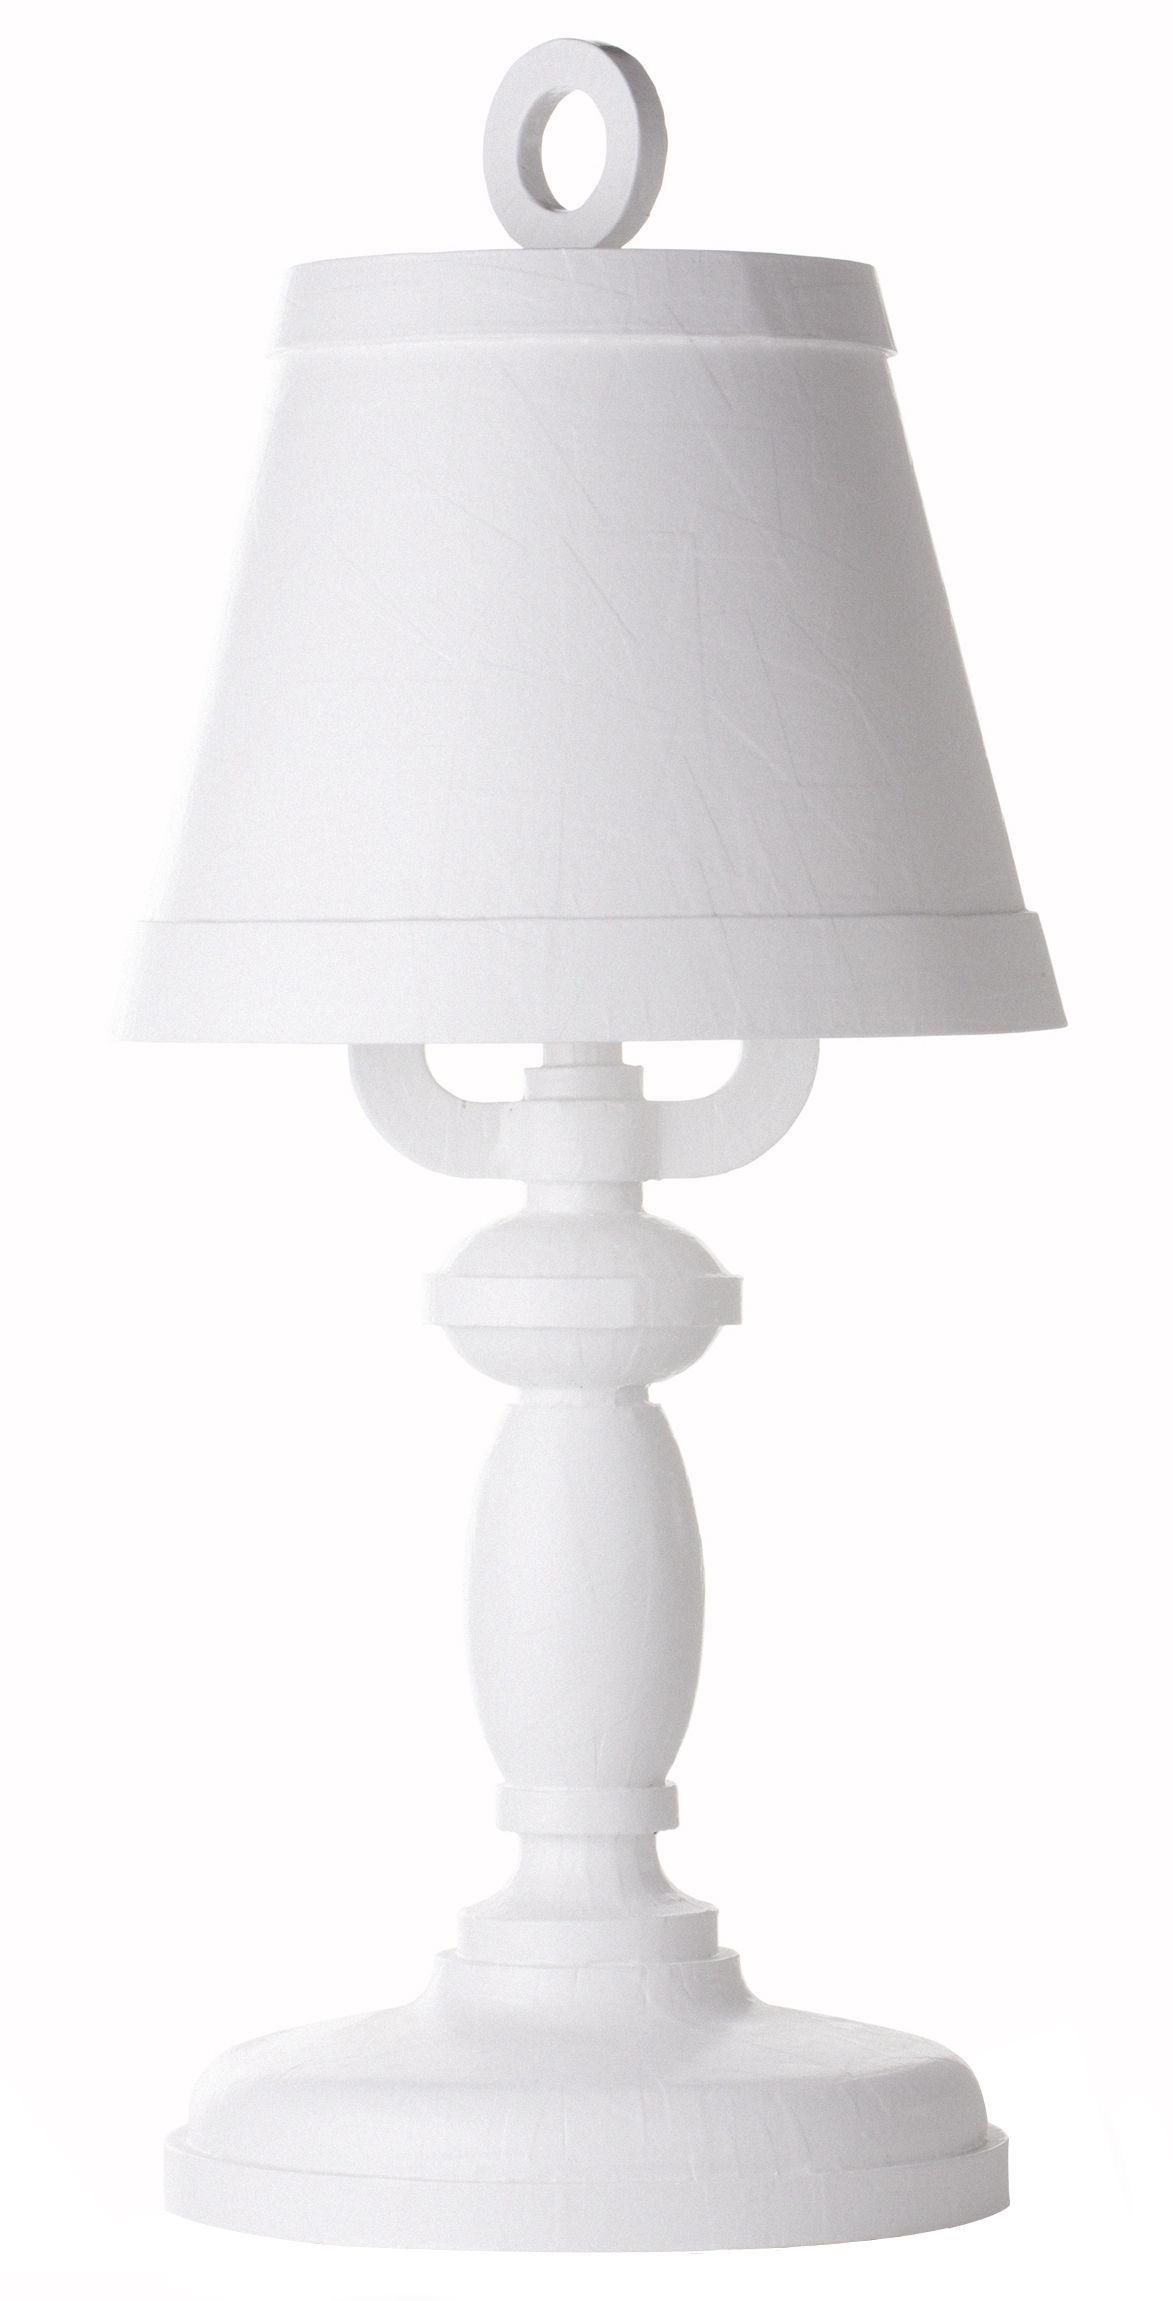 Illuminazione - Lampade da tavolo - Lampada da tavolo Paper - H 84 cm di Moooi -  - Carta, Cartone